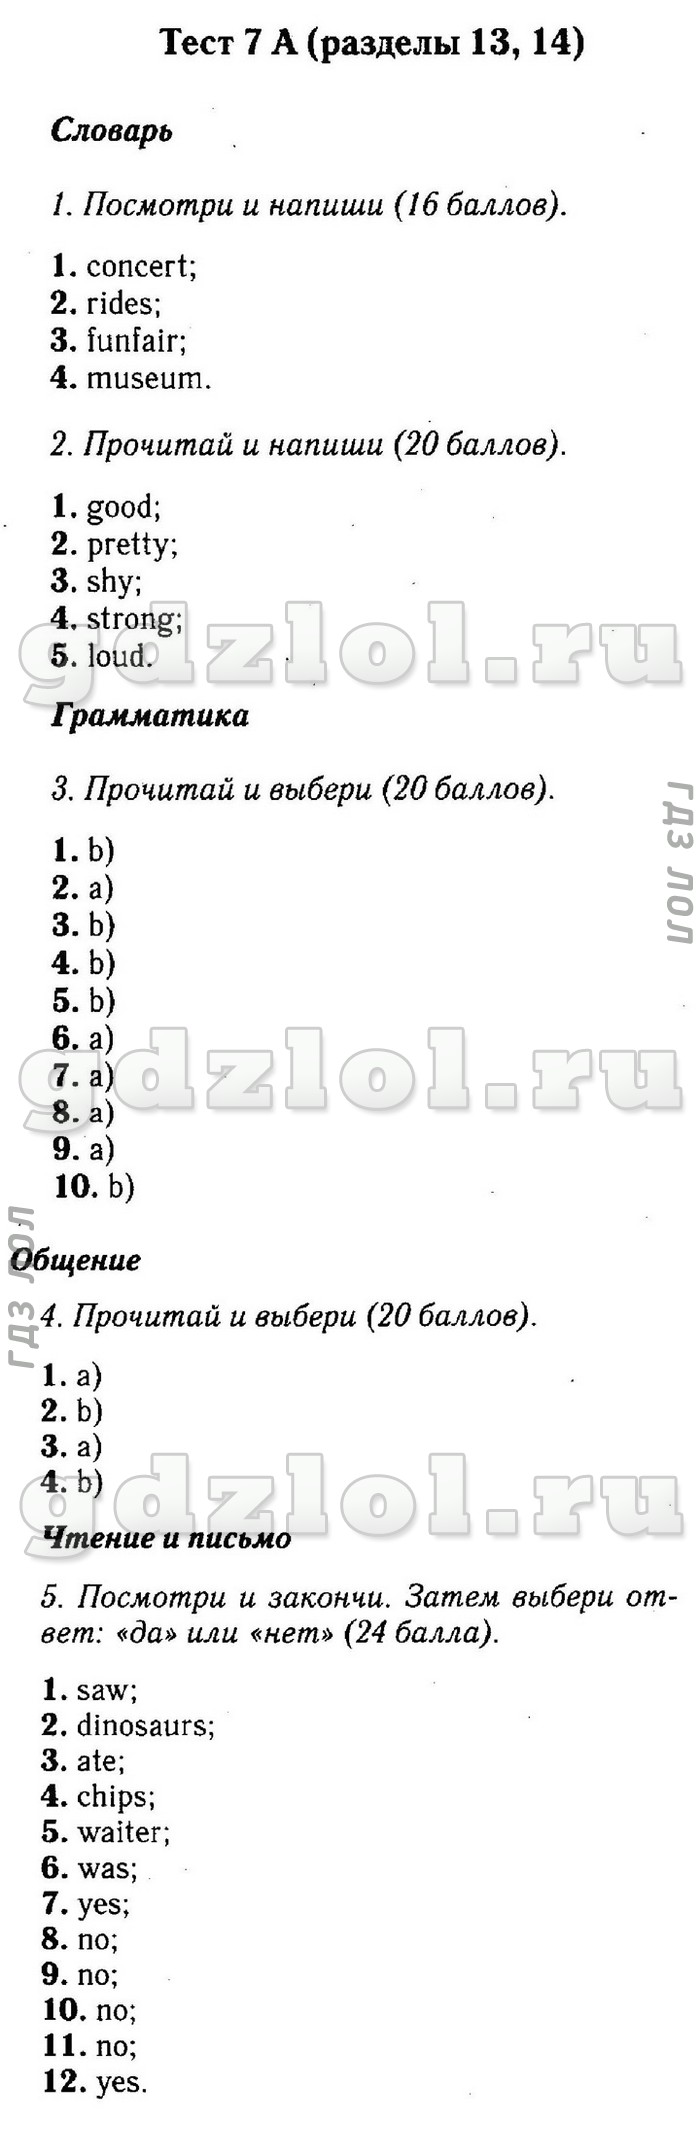 Гдз 5 класс русский язык быкова скачать бесплатно